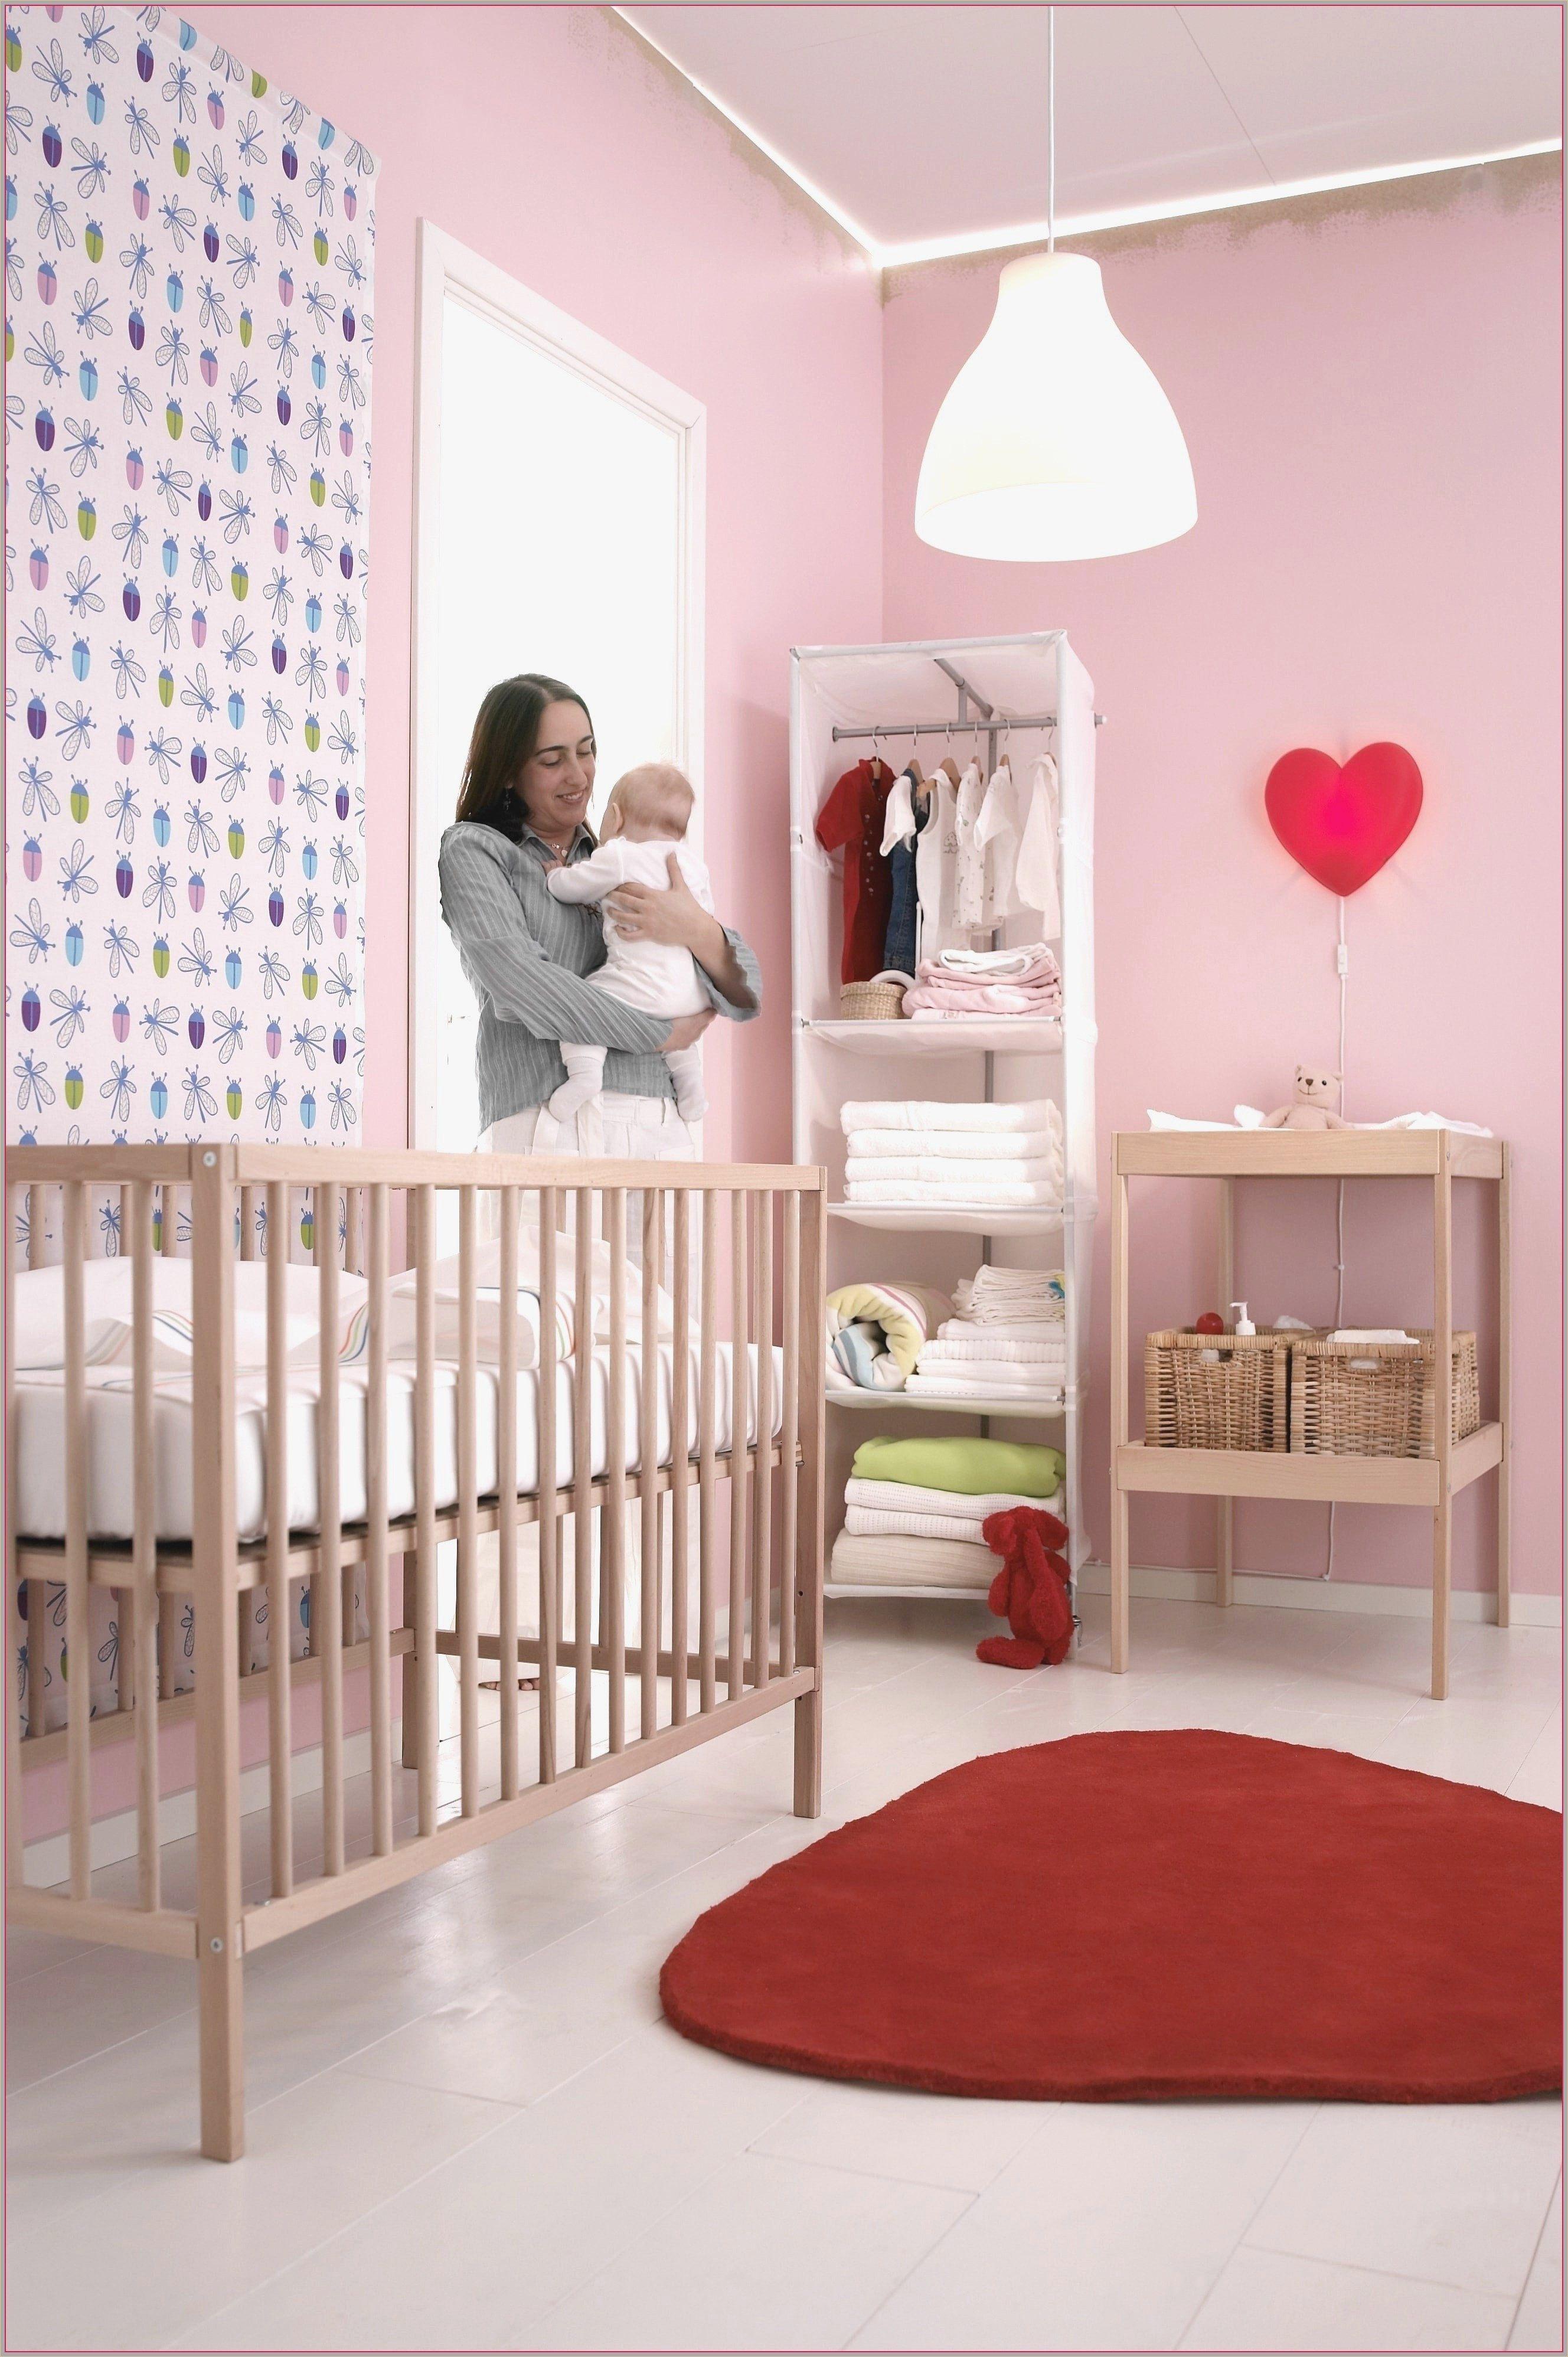 Norme Lit Bébé Frais Rideaux Pour Chambre Bébé New Chambre De Bébé Fille Parc B C3 A9b C3